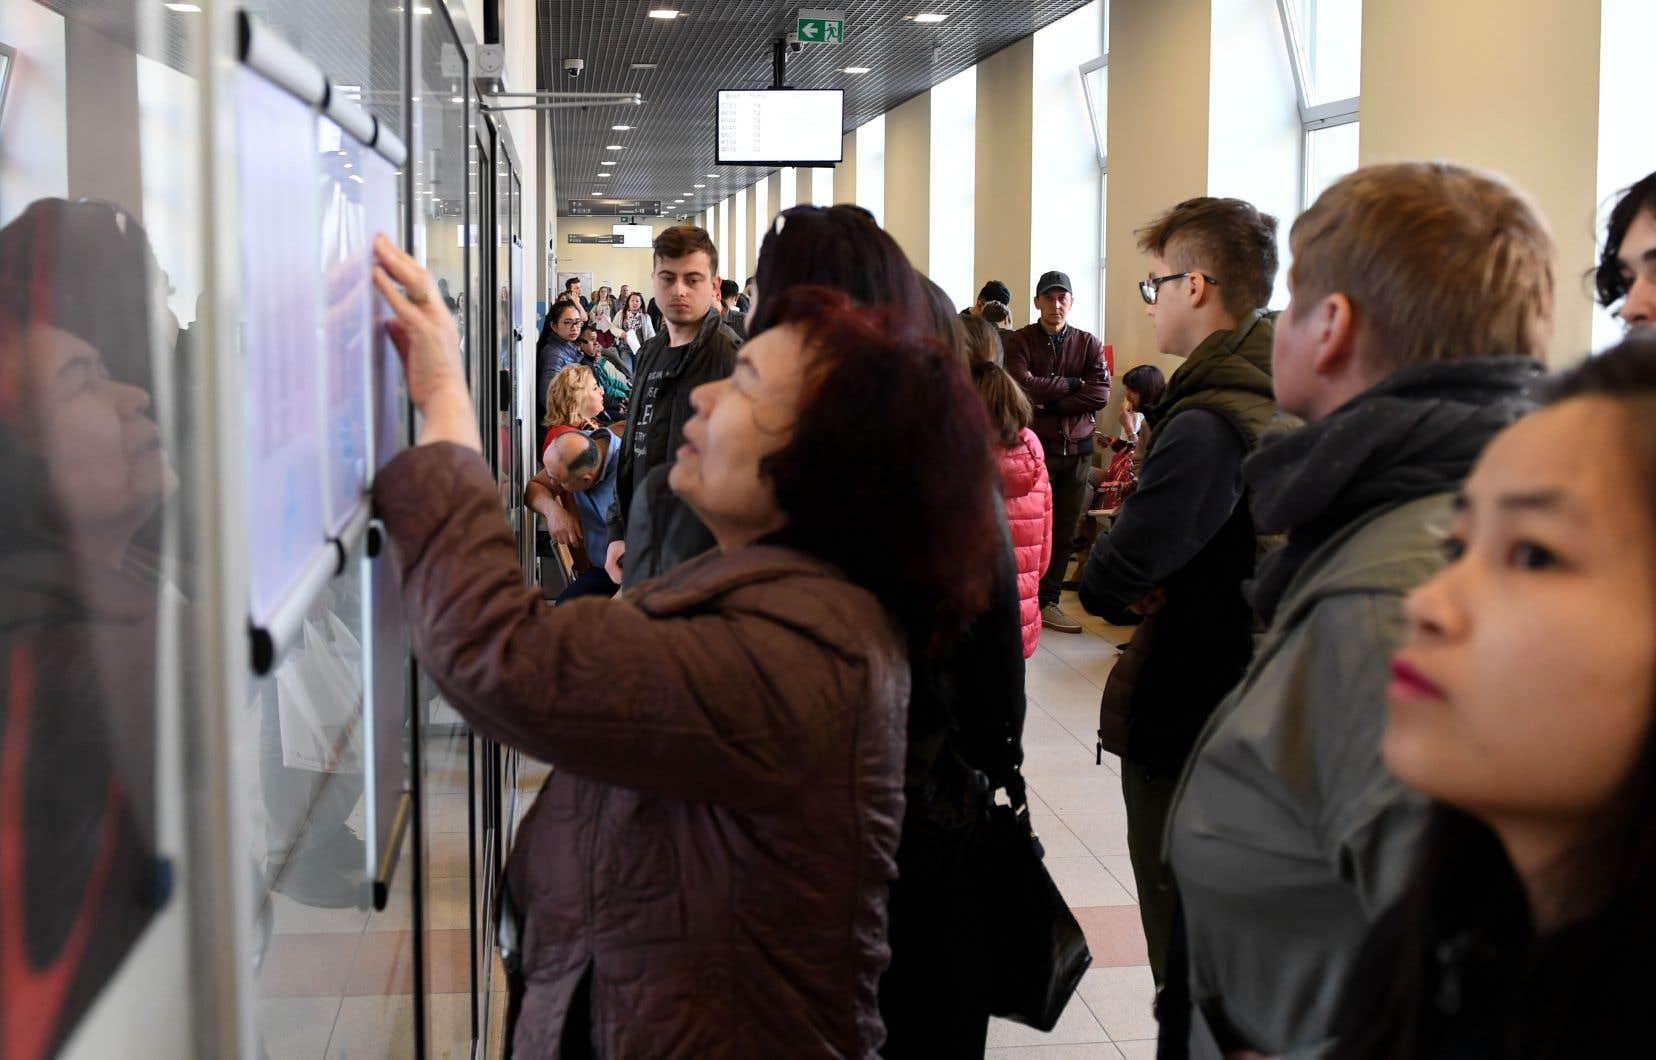 Des immigrants regardent des tableaux d'affichage au ministère polonais des Affaires étrangères, à Varsovie, où les nouveaux arrivants peuvent obtenir des permis de résidence et de travail.